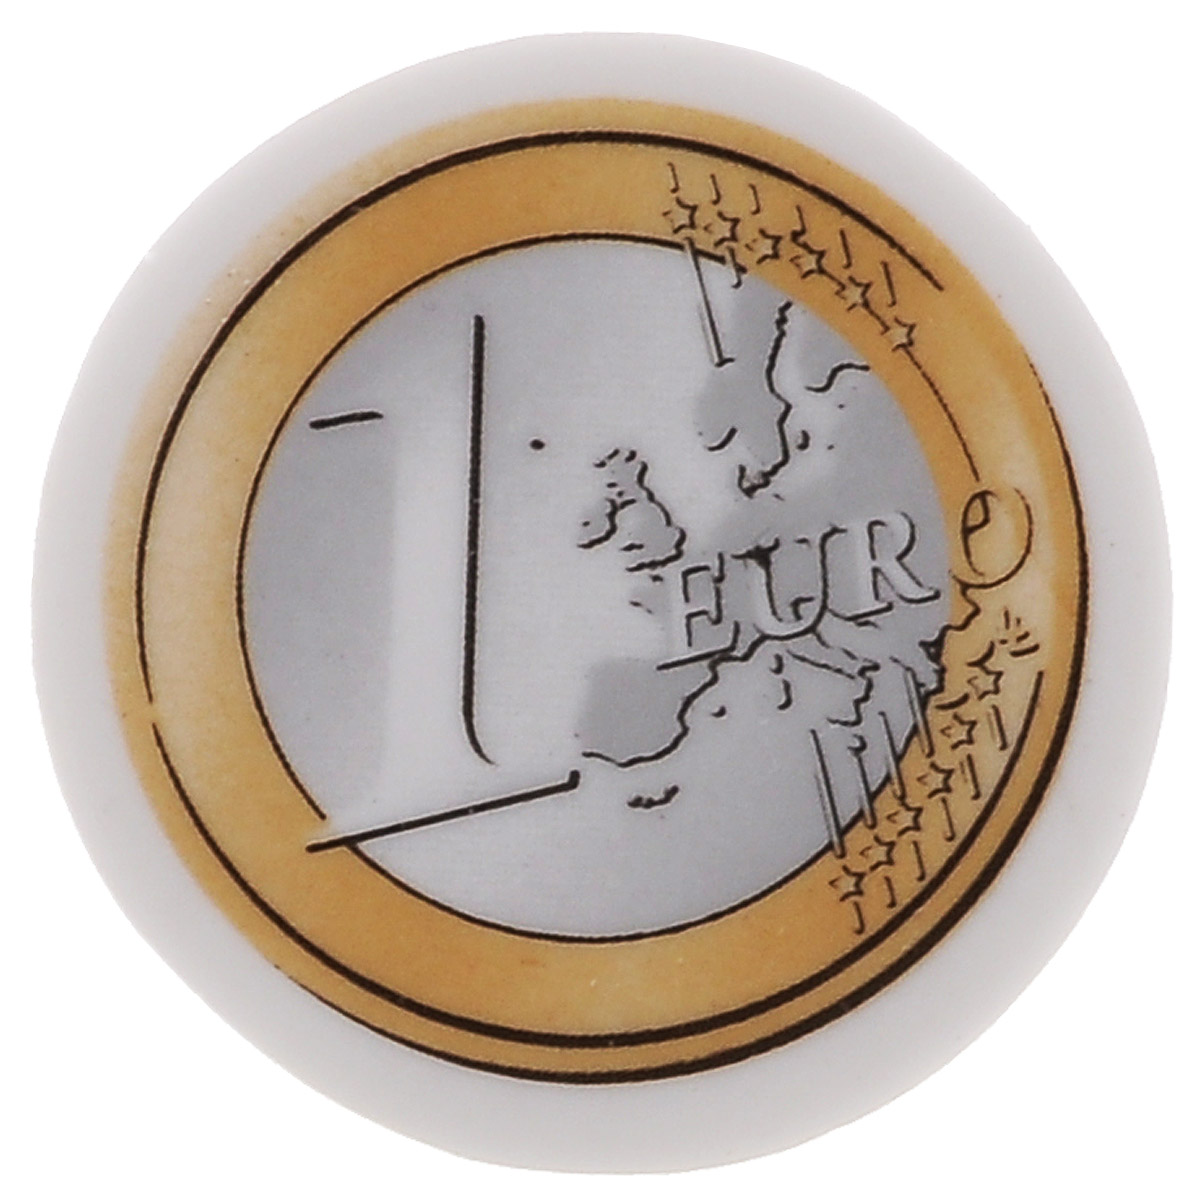 Ластик Brunnen Евро станет незаменимым аксессуаром на рабочем столе не только школьника или студента, но и офисного работника. Стерка имеет круглую форму с рисунком монеты 1 евро. Ластик обеспечивает высокое качество коррекции и не повреждает поверхность бумаги. Не рекомендуется детям до 3-х лет.